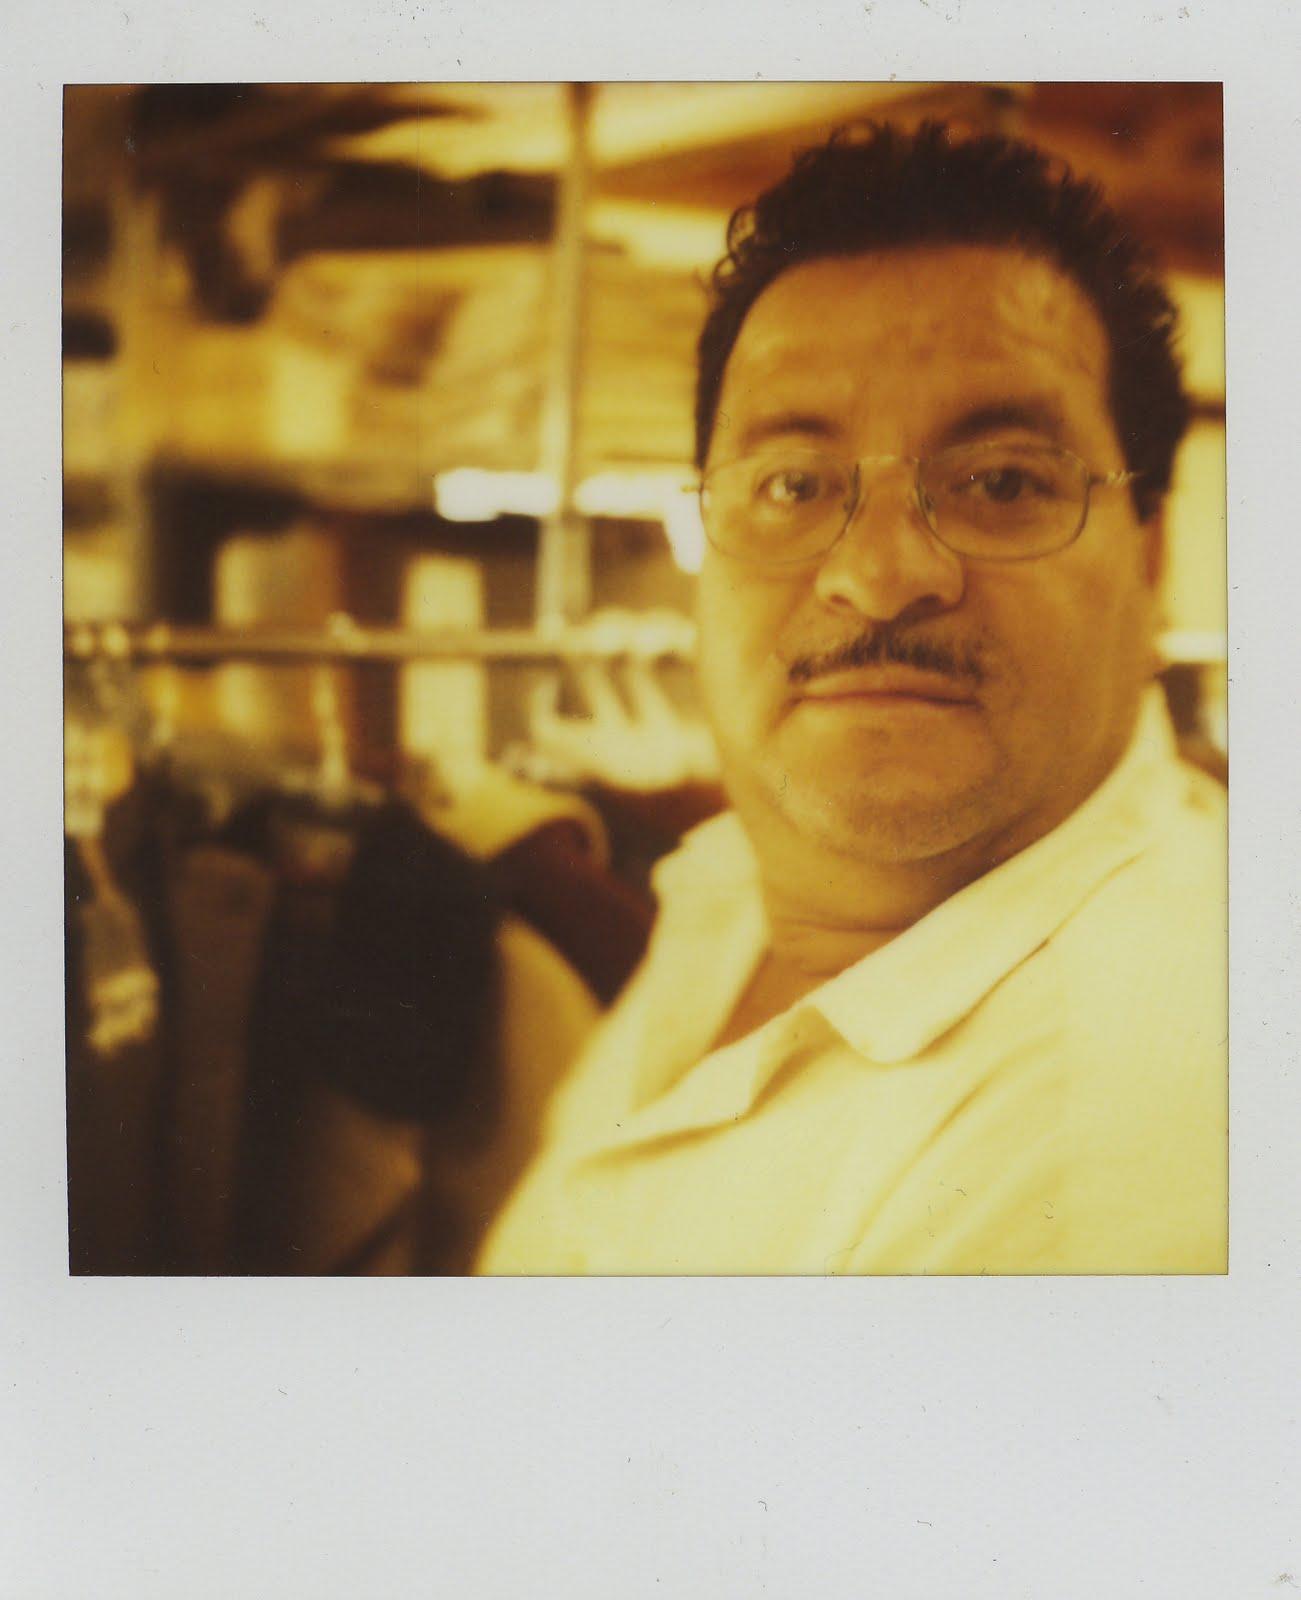 http://4.bp.blogspot.com/_F7i70fSPrGU/TGRqH0hOloI/AAAAAAAAFU4/BTmaOd1jORQ/s1600/Alfredo.jpg